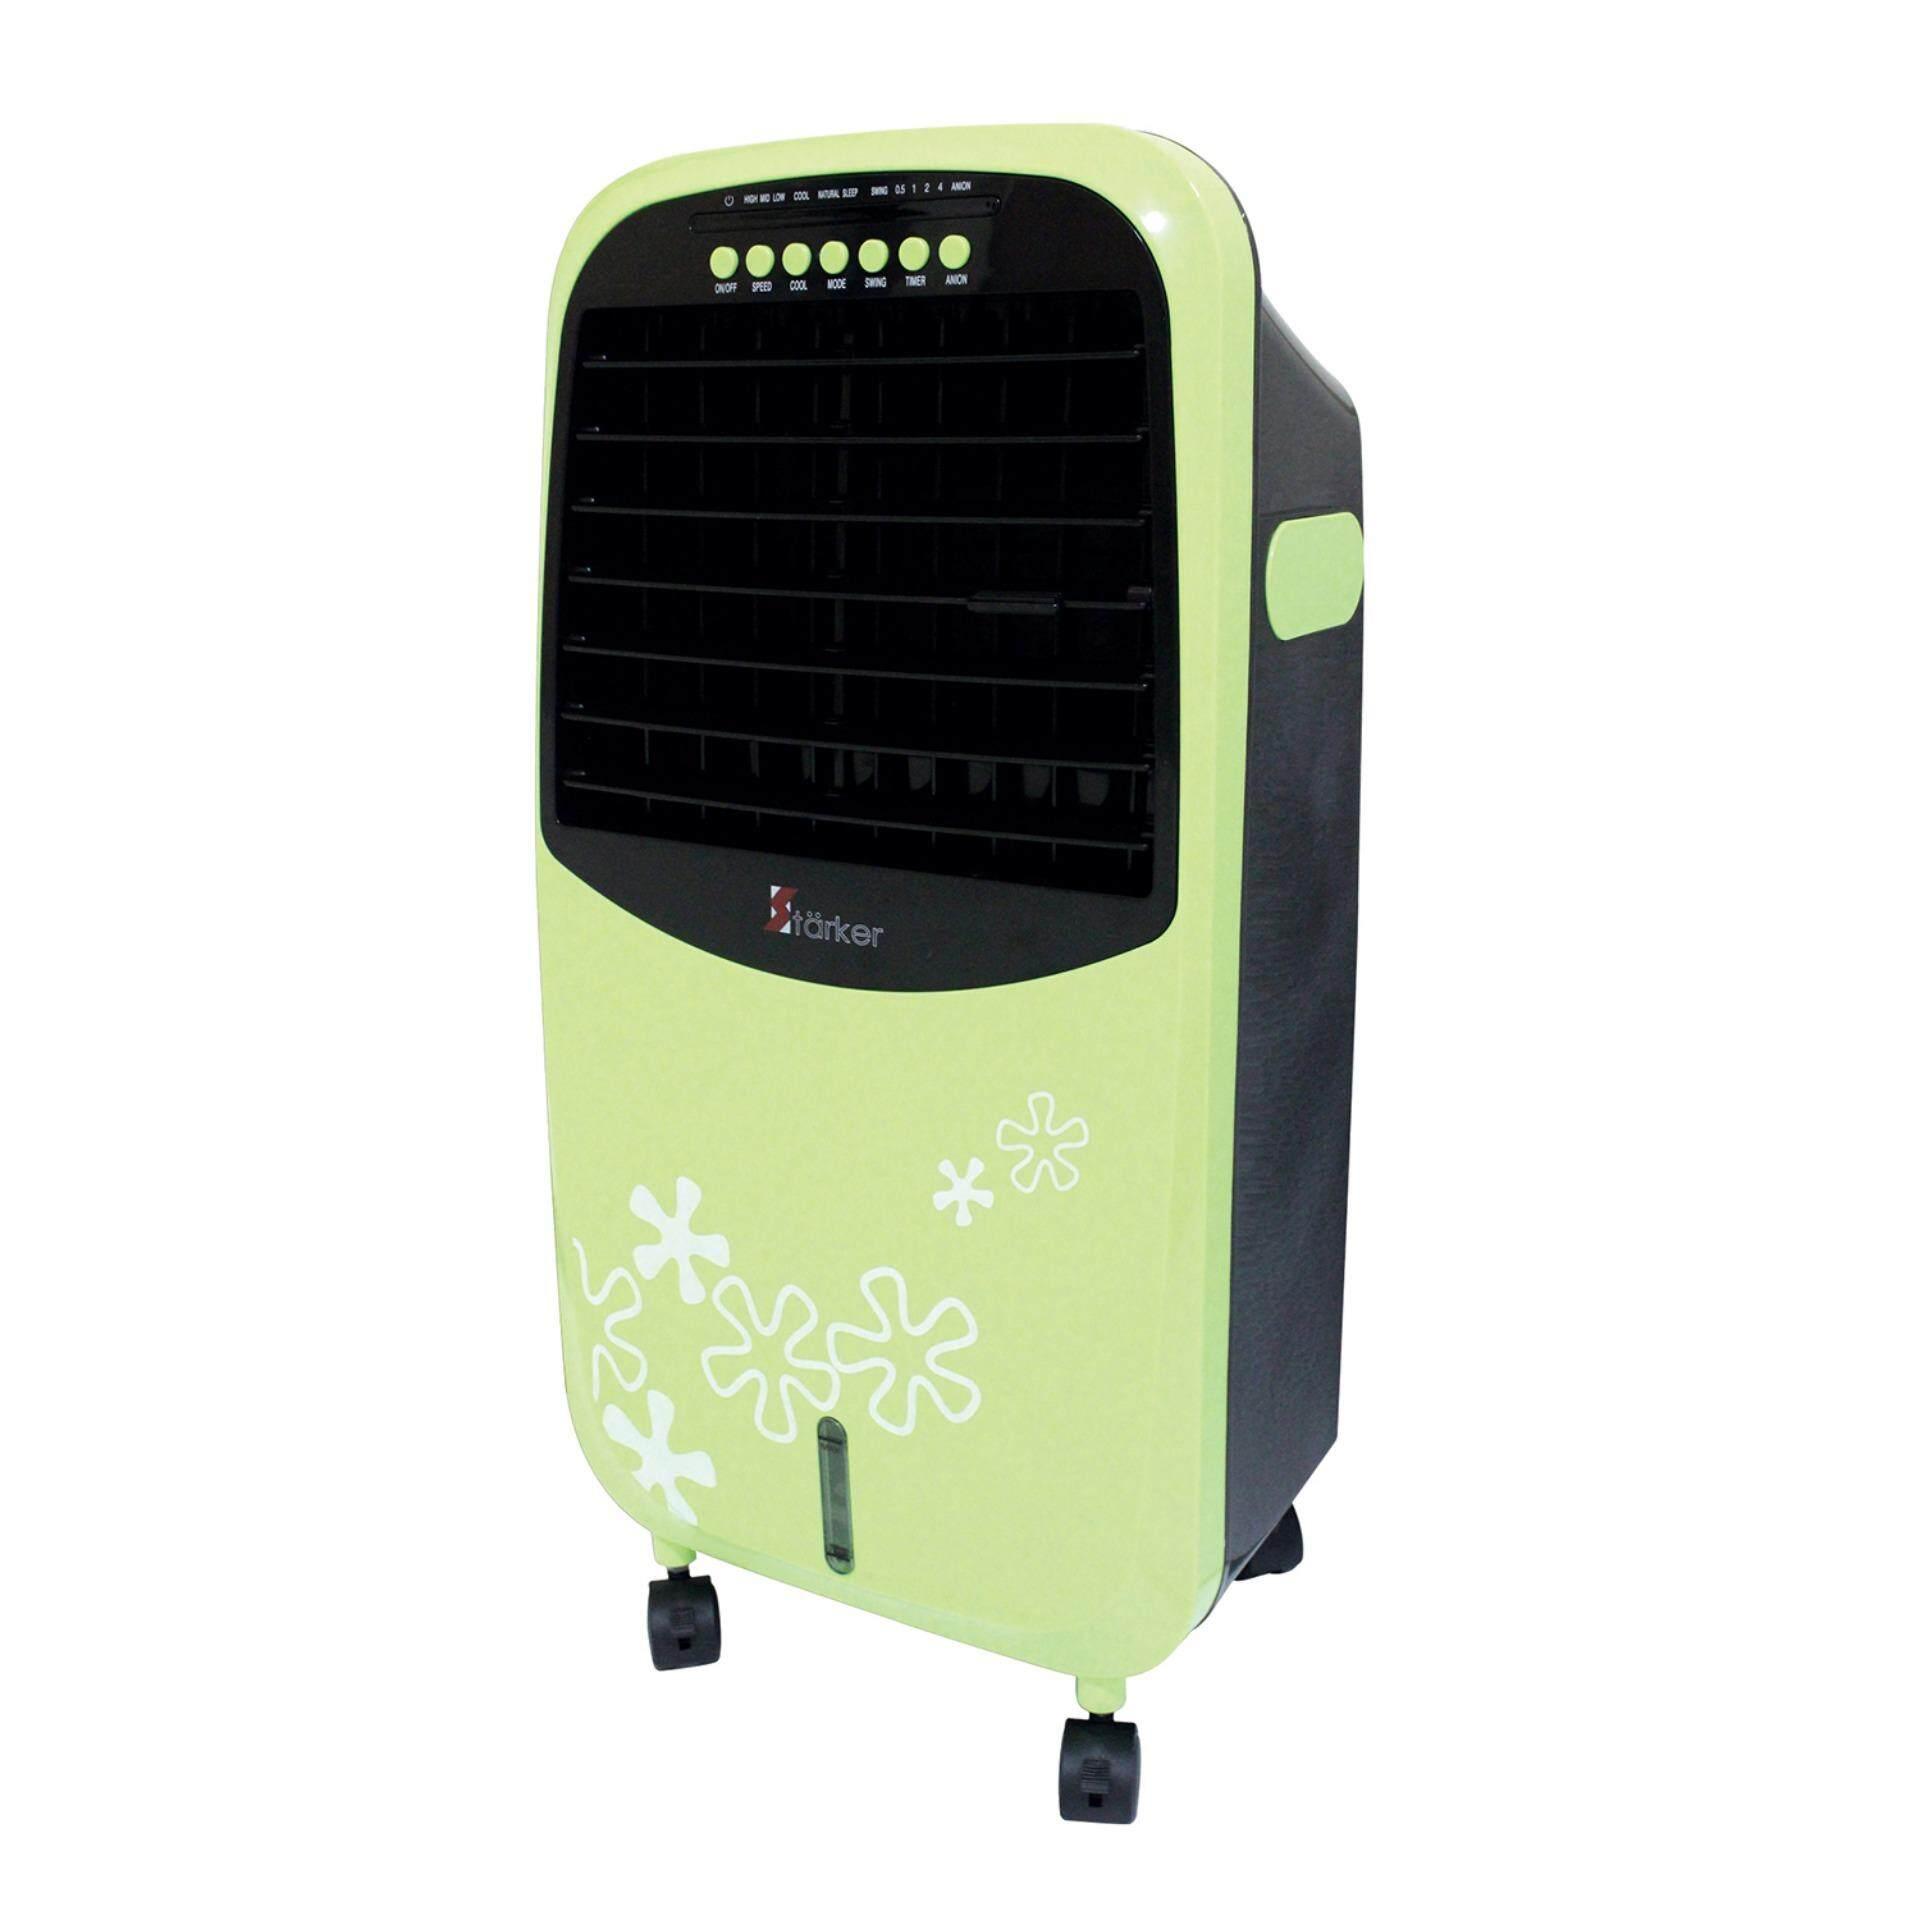 แนะนำเลือกซื้อ st?rker พัดลมไอเย็นมีระบบ Anion (สีเขียว) แถมเจลเพิ่มความเย็น 2 ชิ้น HM150AC G ซื้อเว็บไหนดี